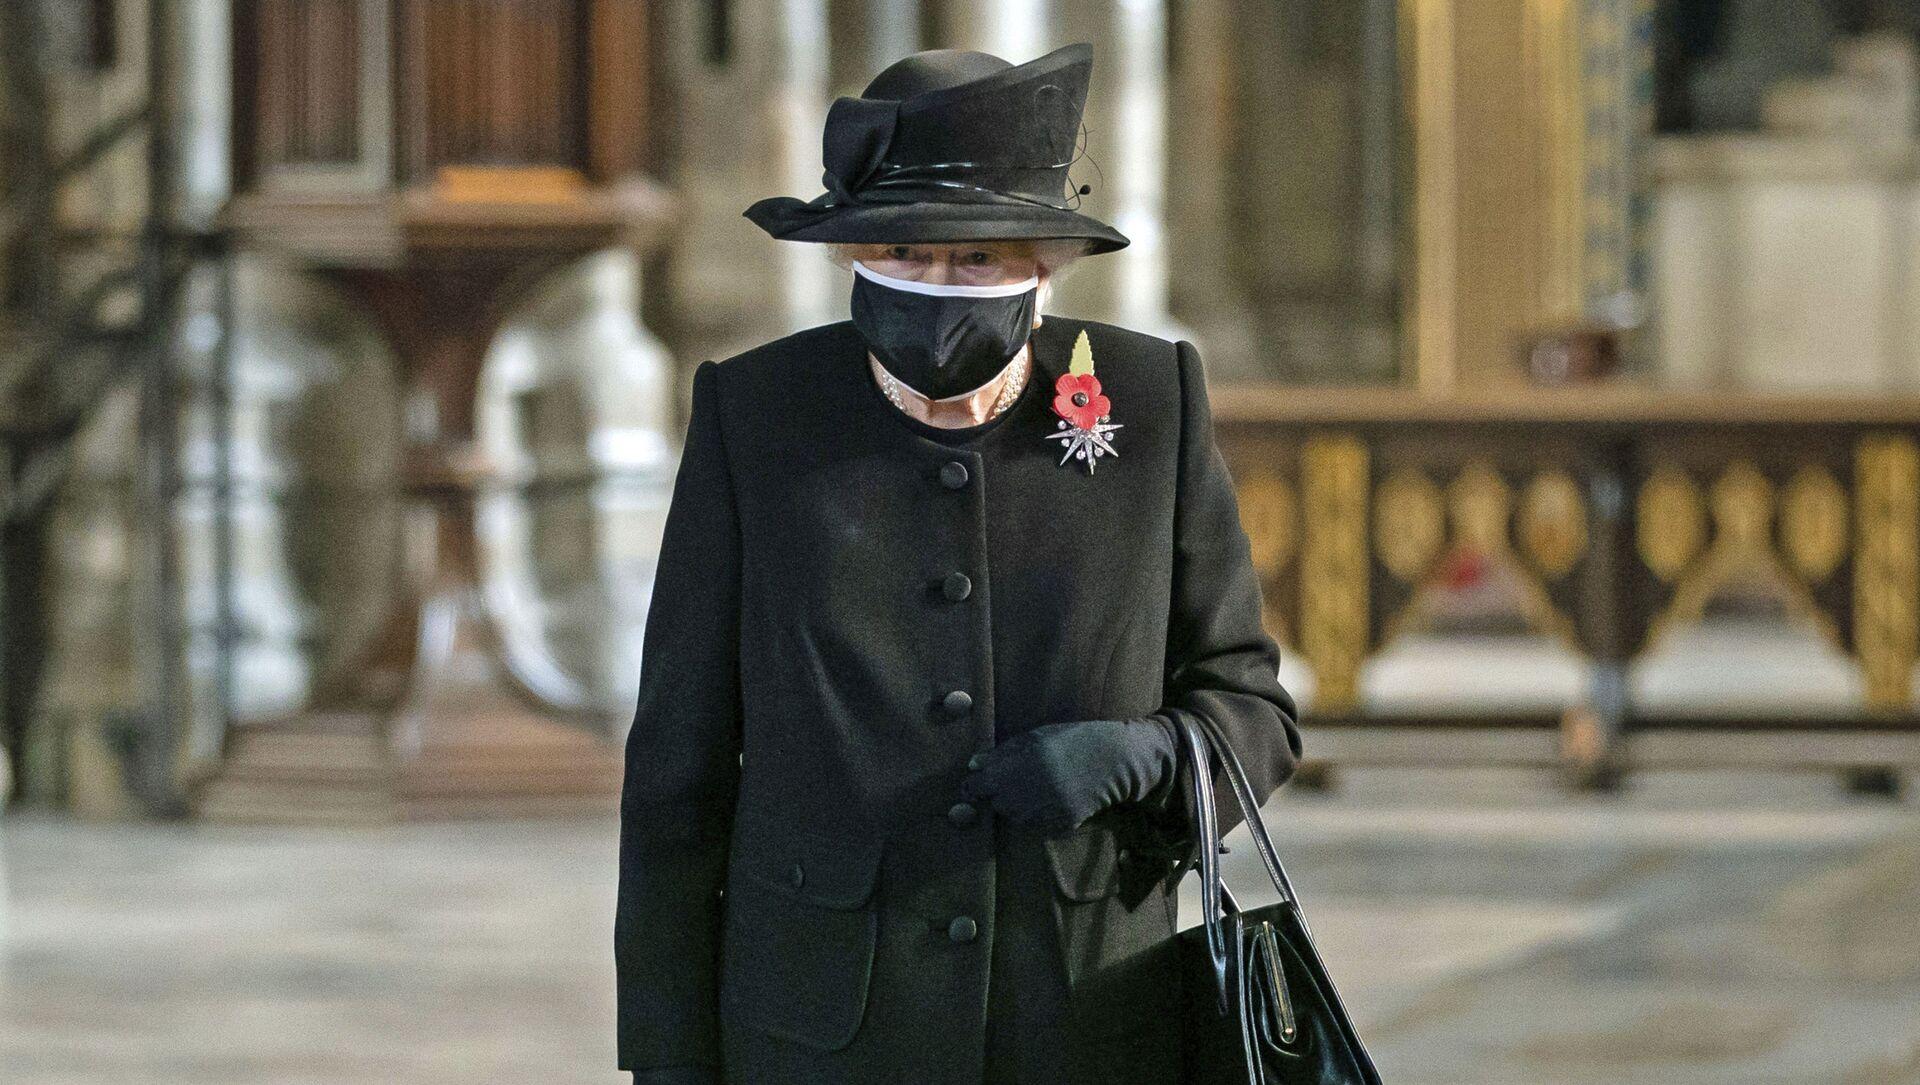 Królowa Wielkiej Brytanii Elżbieta II. - Sputnik Polska, 1920, 21.03.2021